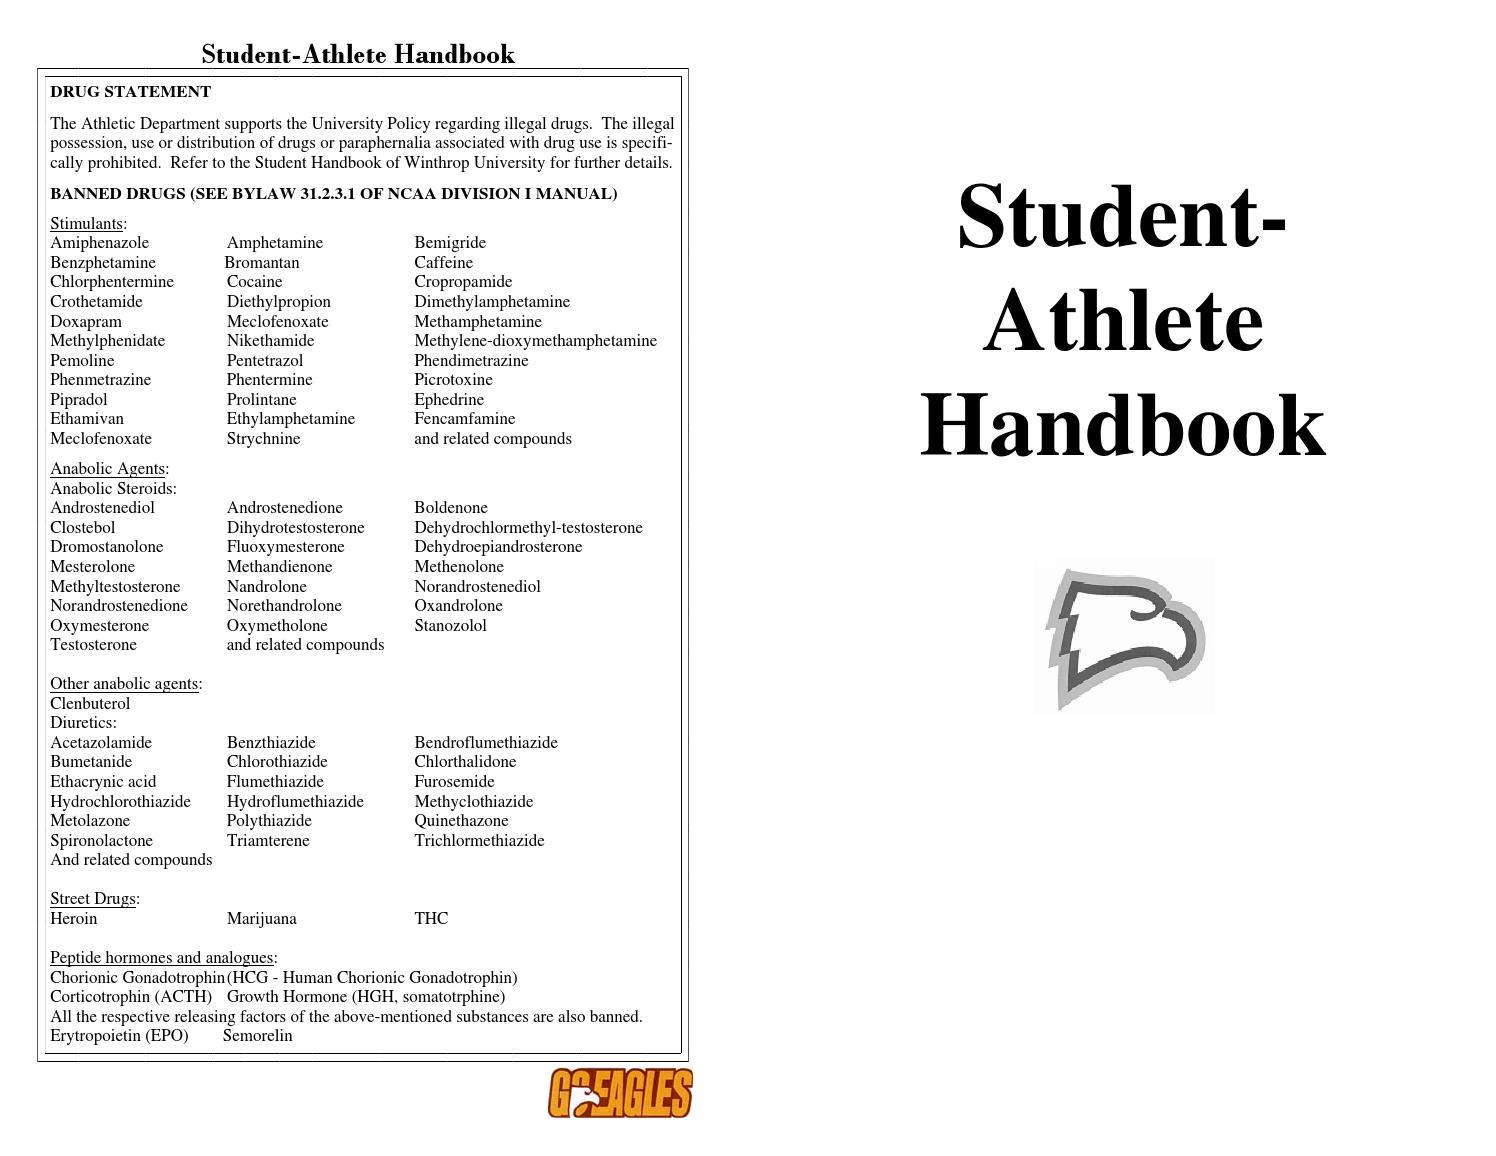 2015 Winthrop Student-Athlete Handbookbrett Redden - Issuu